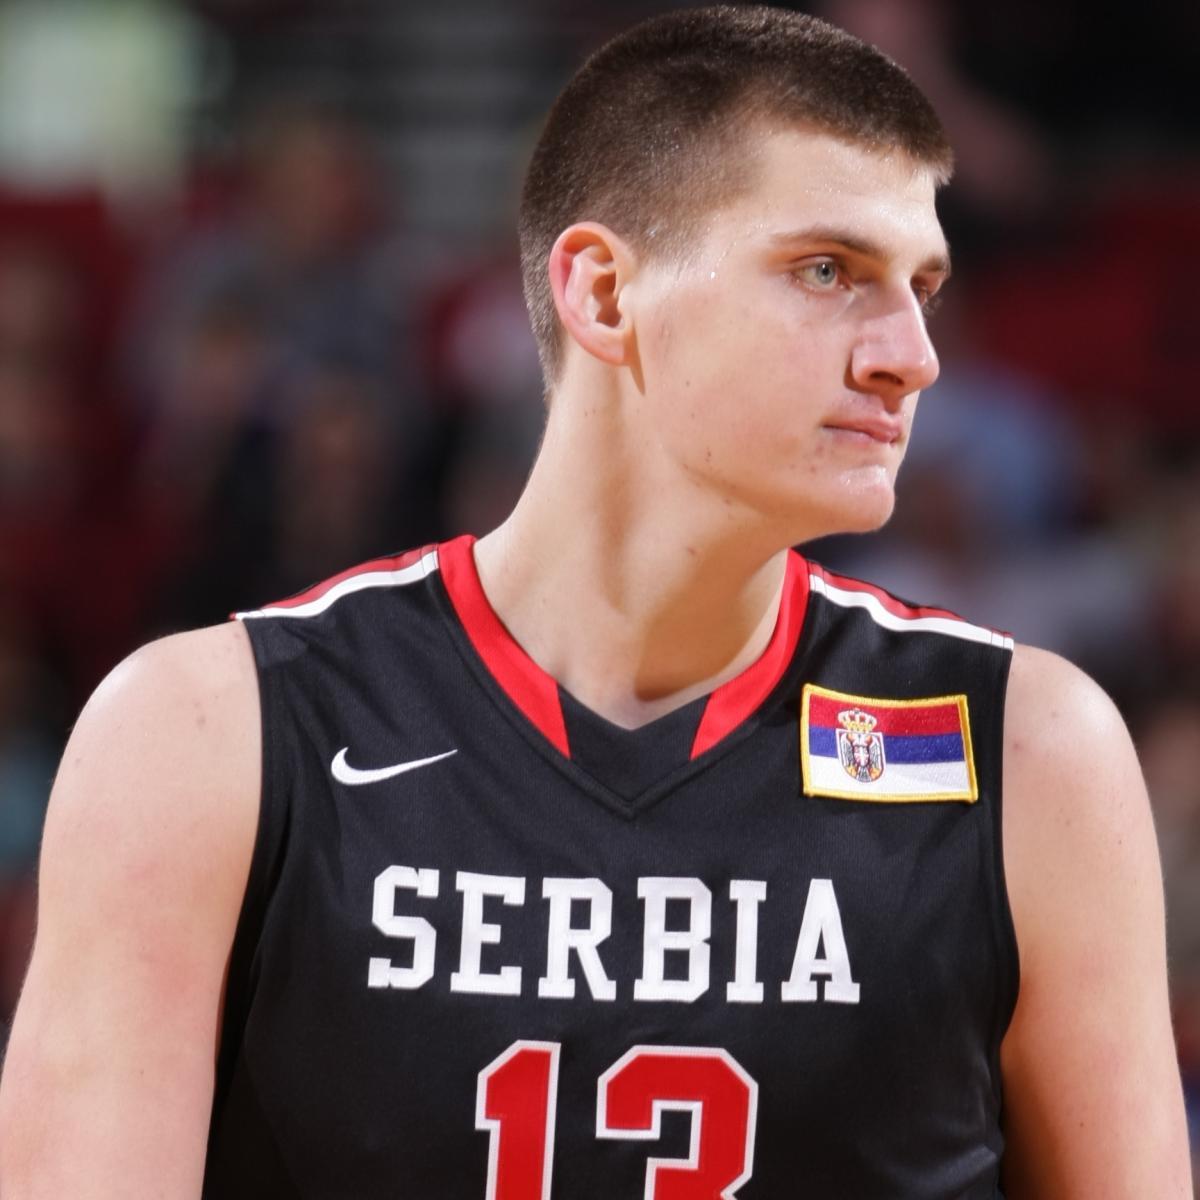 Nikola Jokic NBA Draft 2014: Highlights, Scouting Report